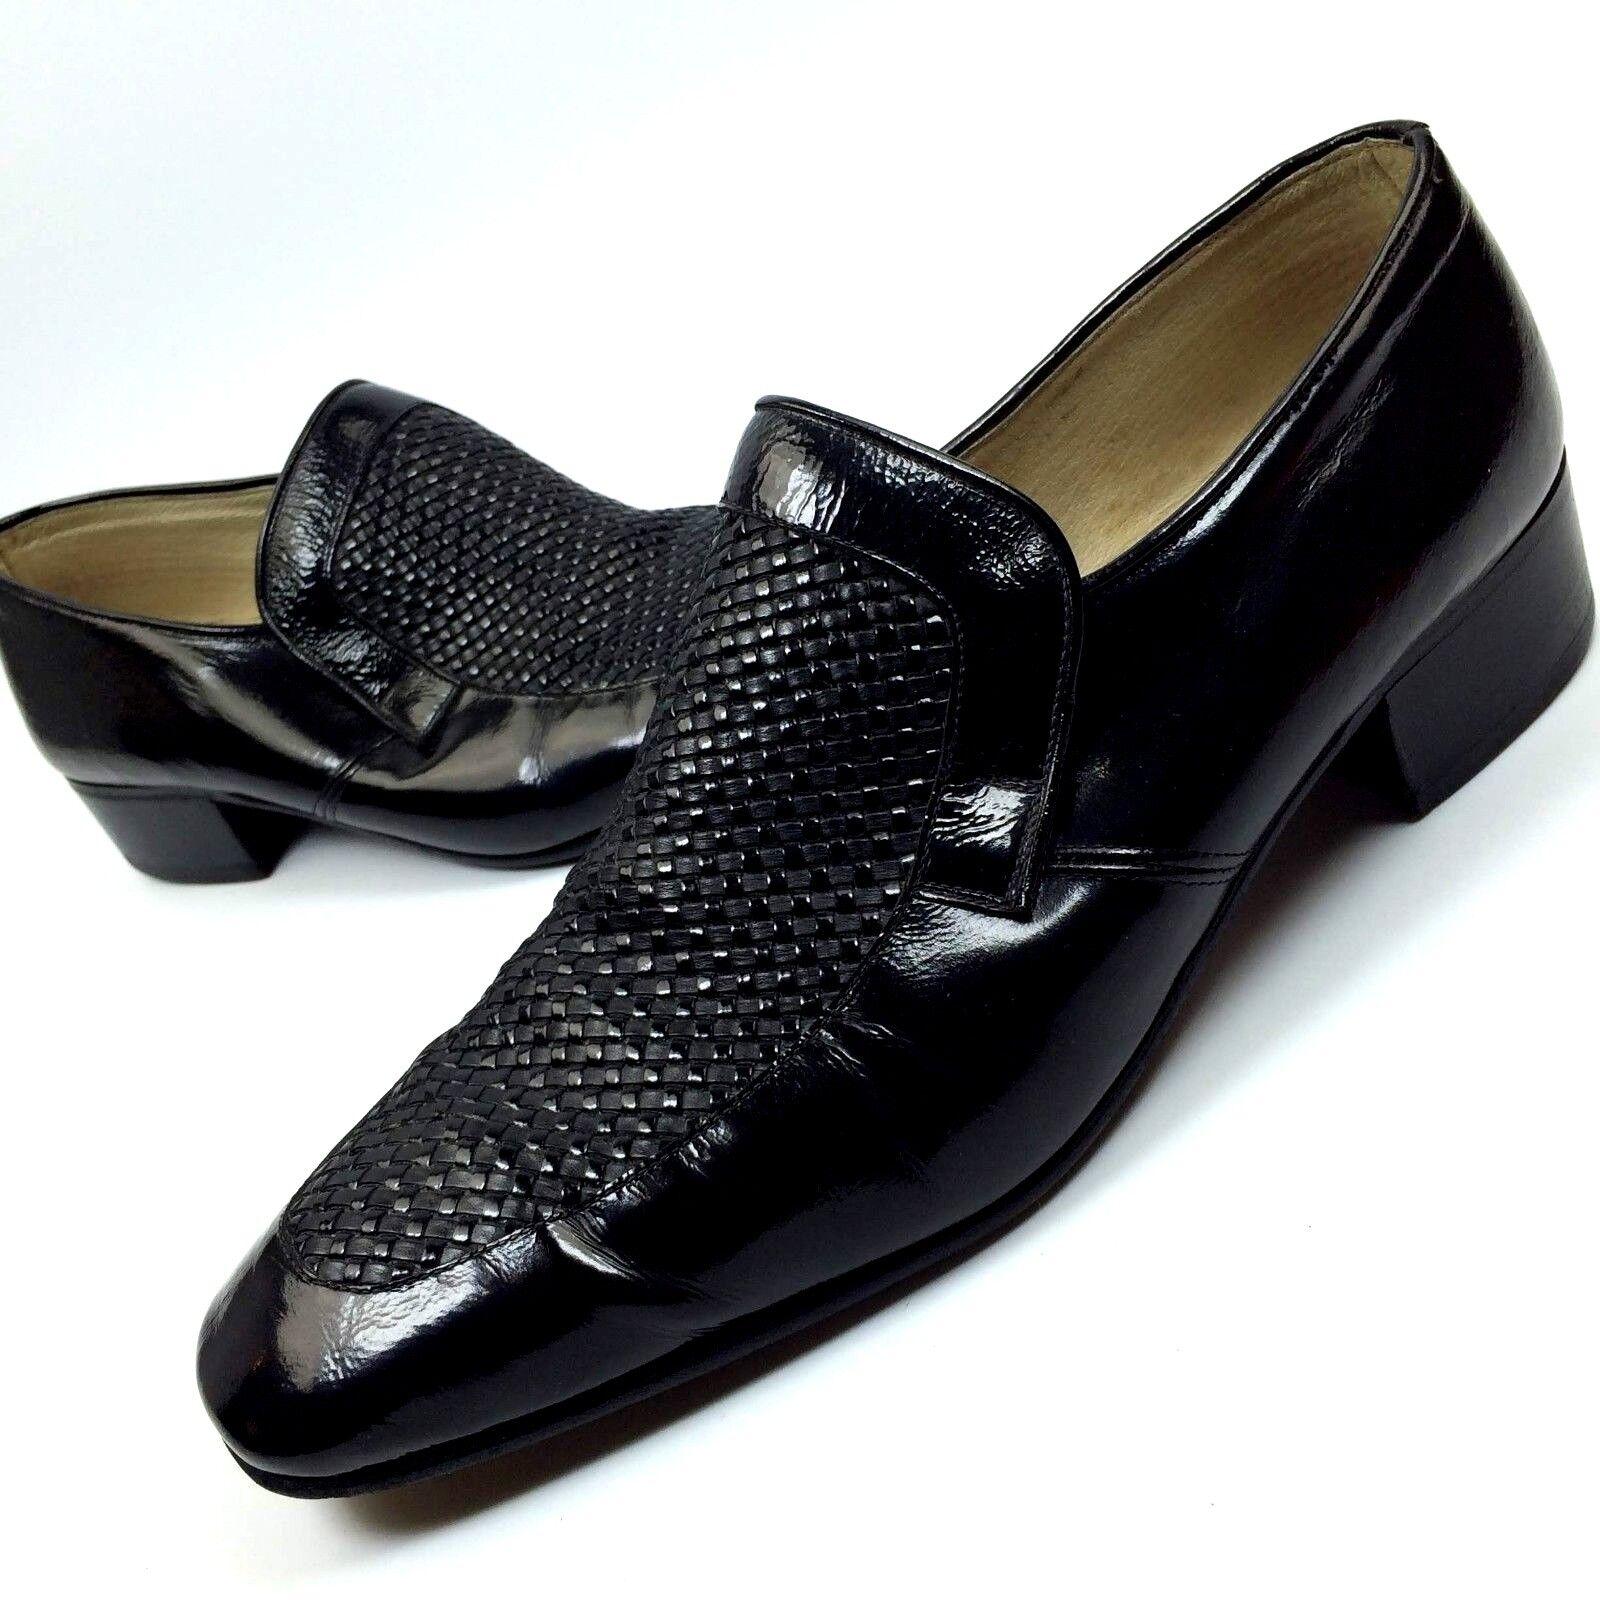 Tuxedo shoes Mens Size 11 M Black Formal Tux Black Tie